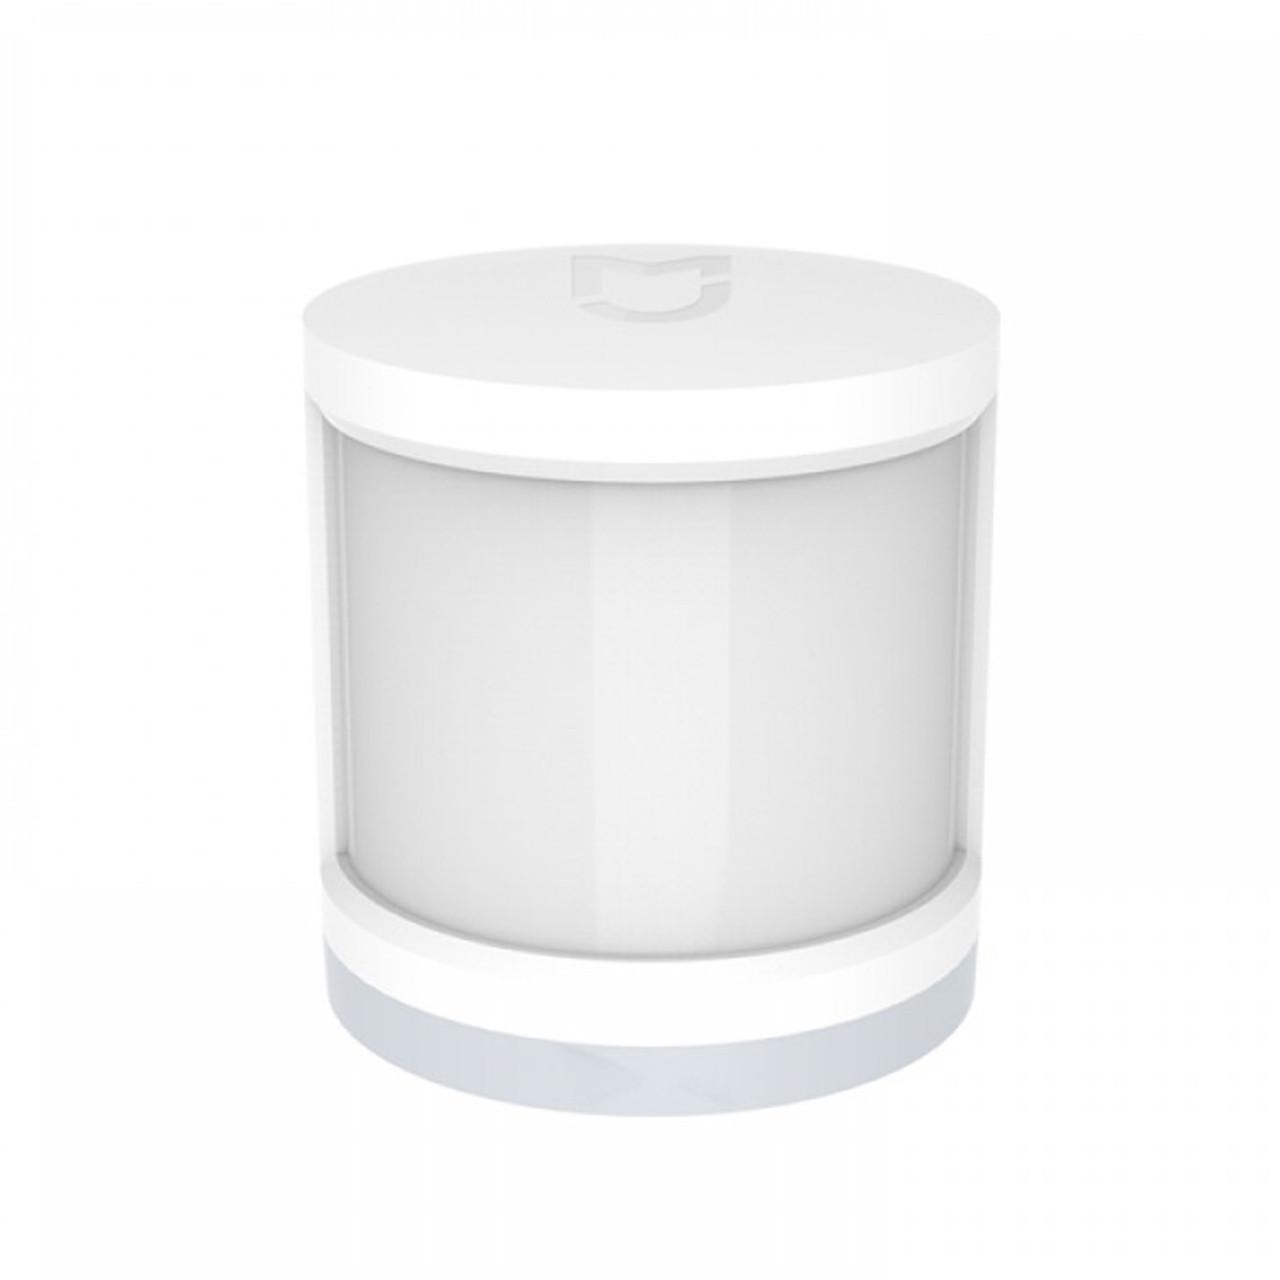 Датчик движения Xiaomi MiJia Smart Human Body Sensor (RTCGQ01LM) Белый (3624-10291)